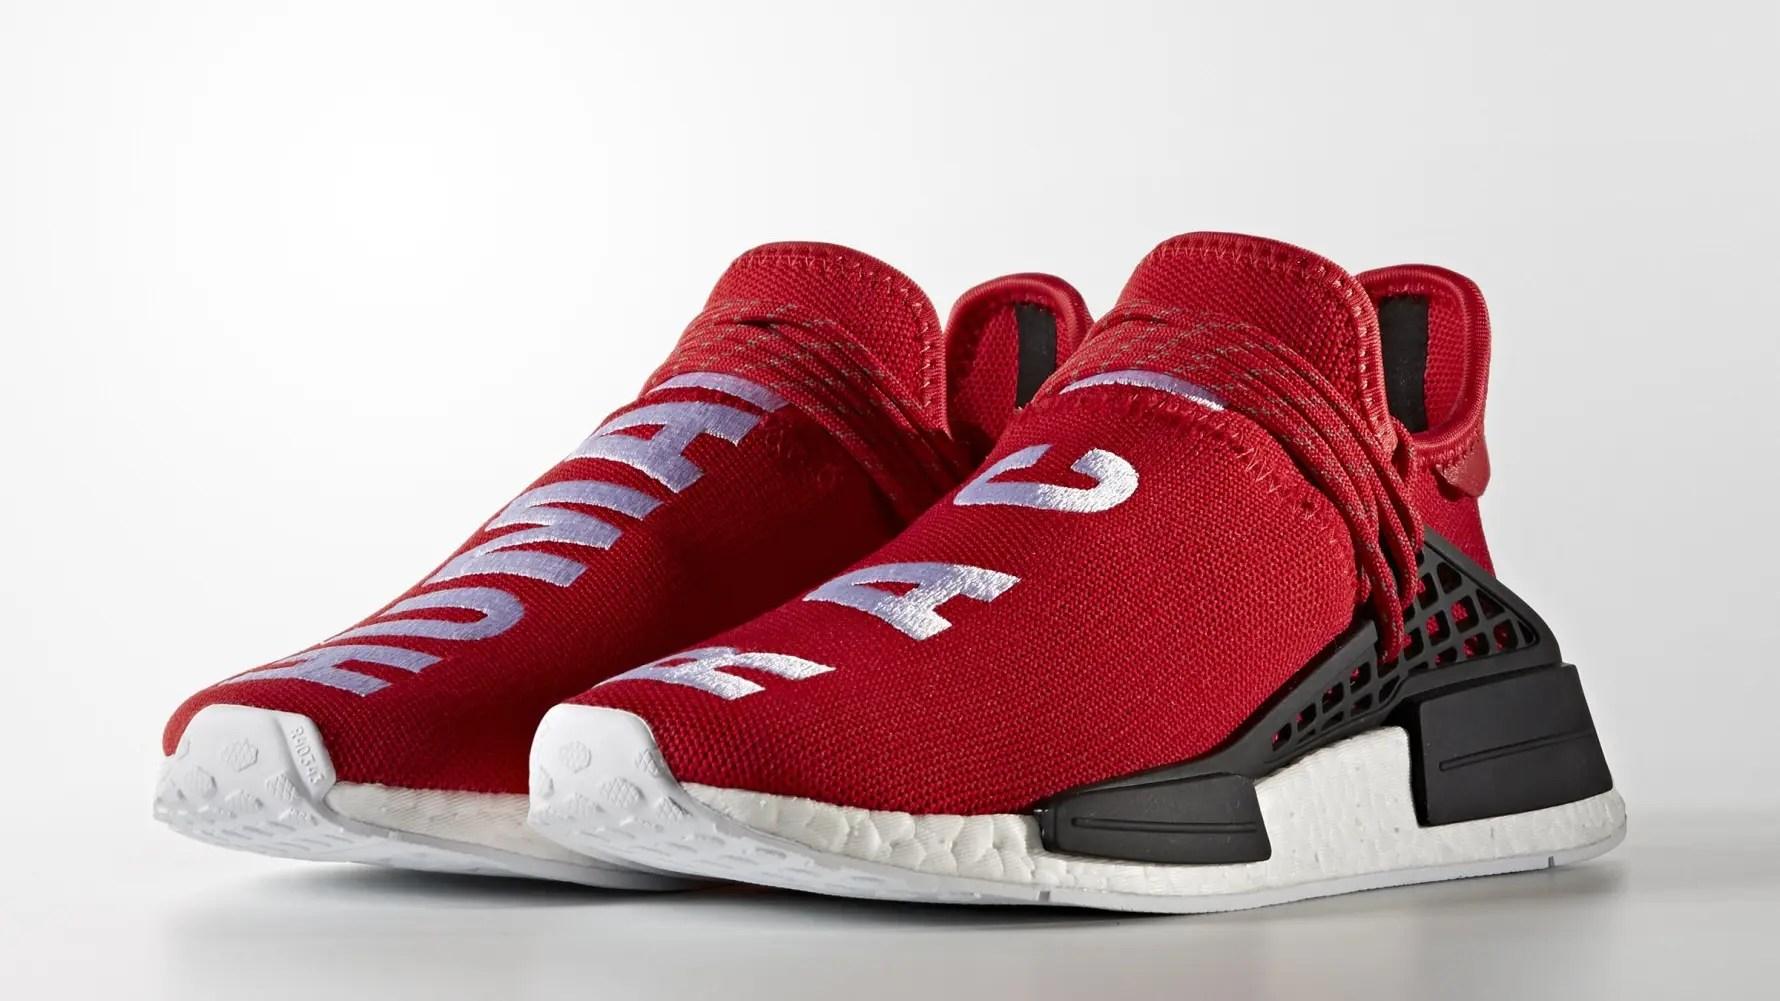 """【オフィシャルイメージ】Pharrell Williams x adidas Originals NMD_R1 """"HUMAN RACE"""" Red/Green (ファレル・ウィリアムス アディダス オリジナルス エヌ エム ディー アール ワン """"ヒューマン レース"""" レッド/グリーン) [BB0616,BB0620]"""